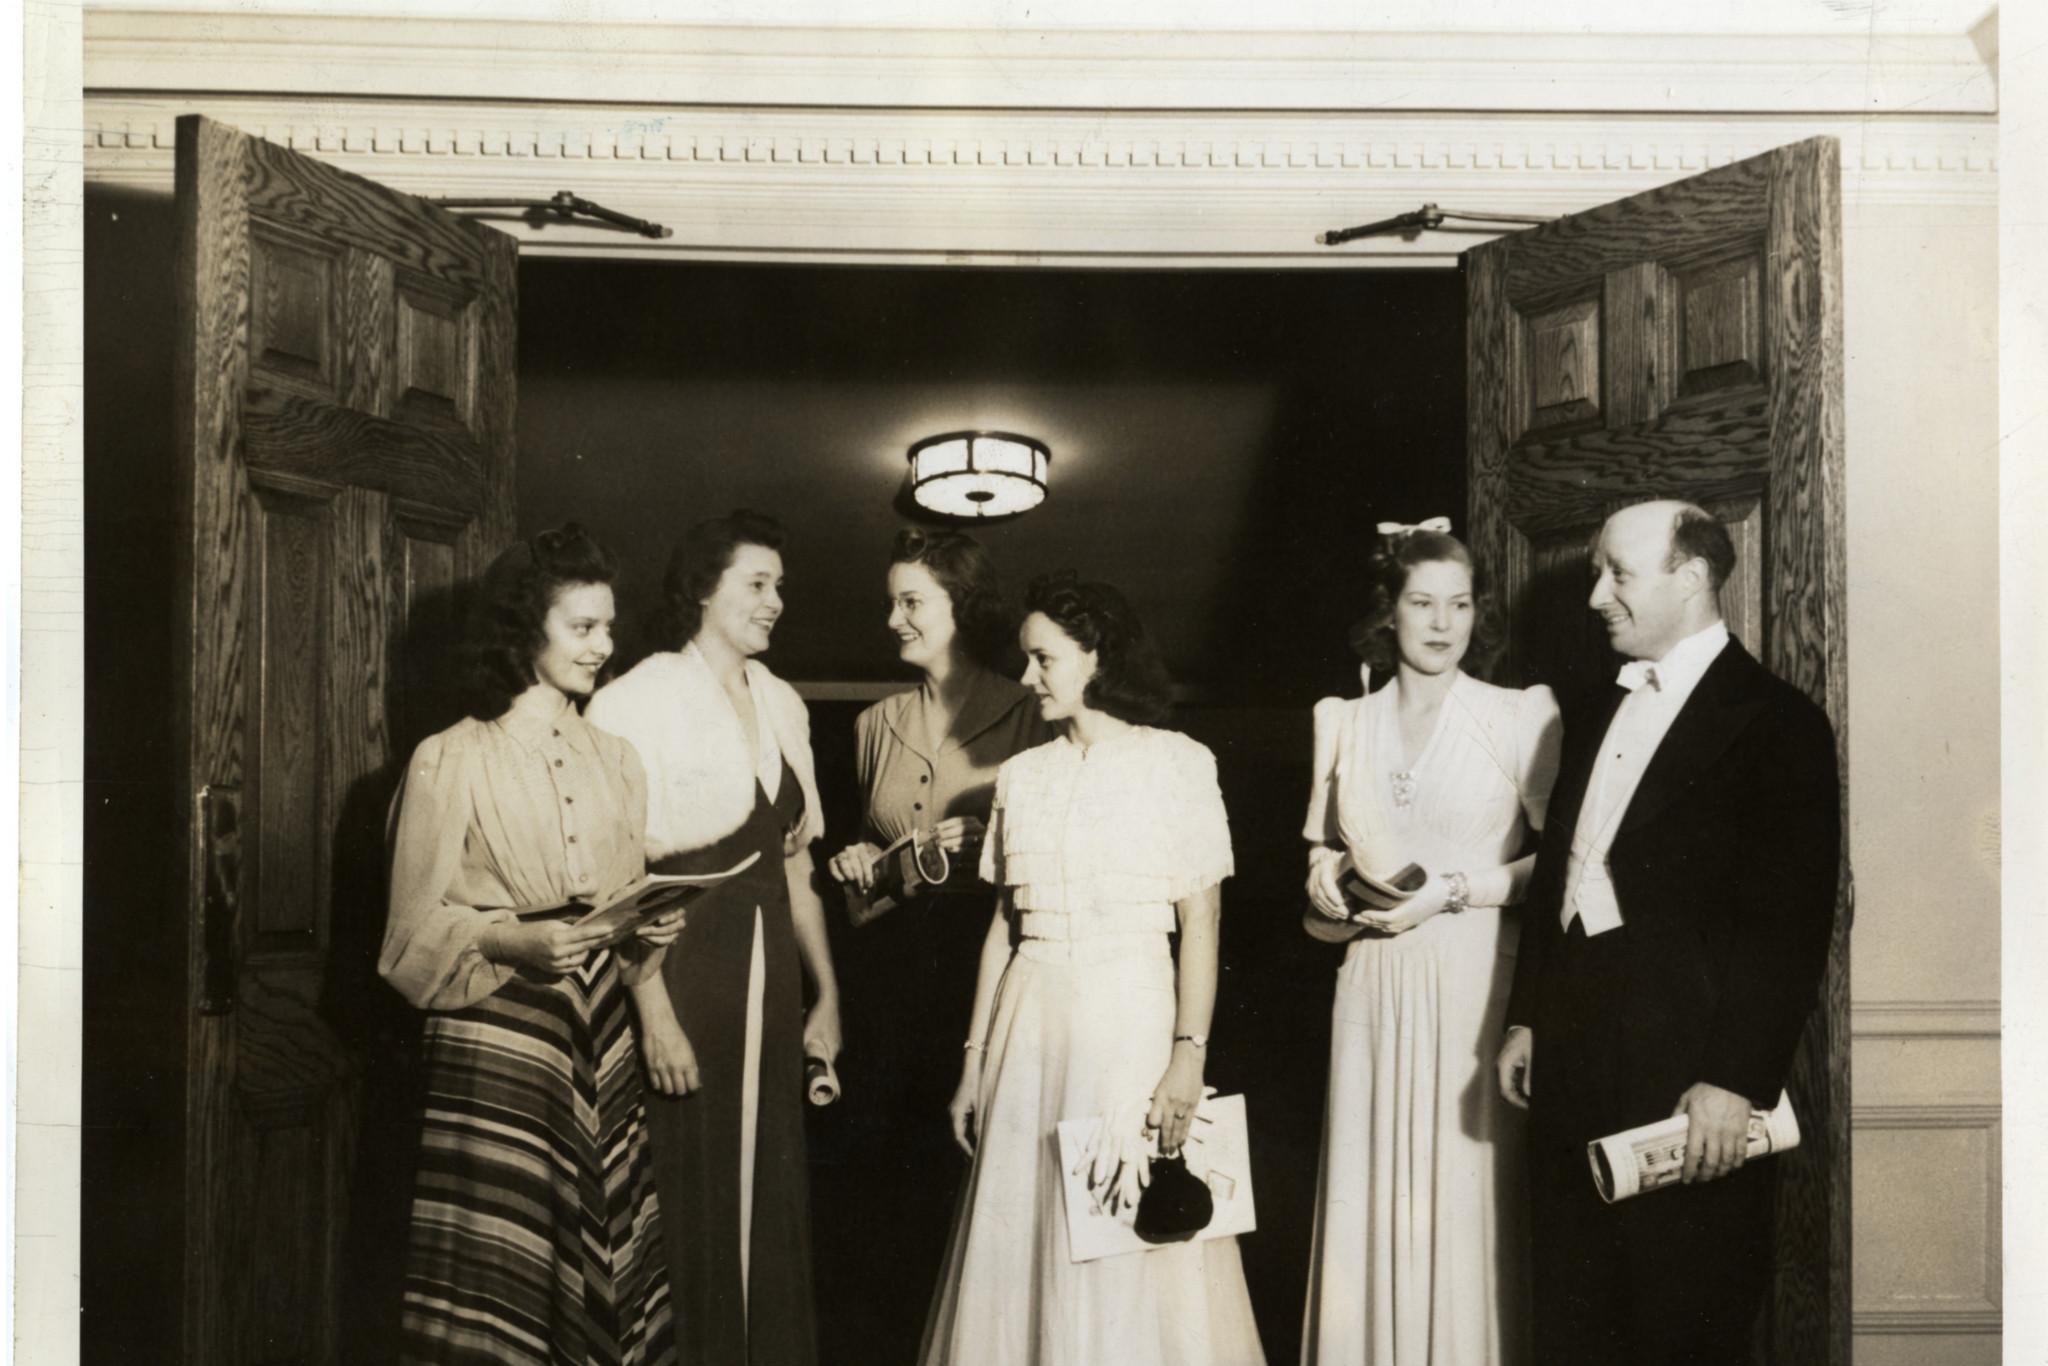 Formal Function at Dodd Auditorium, 1940